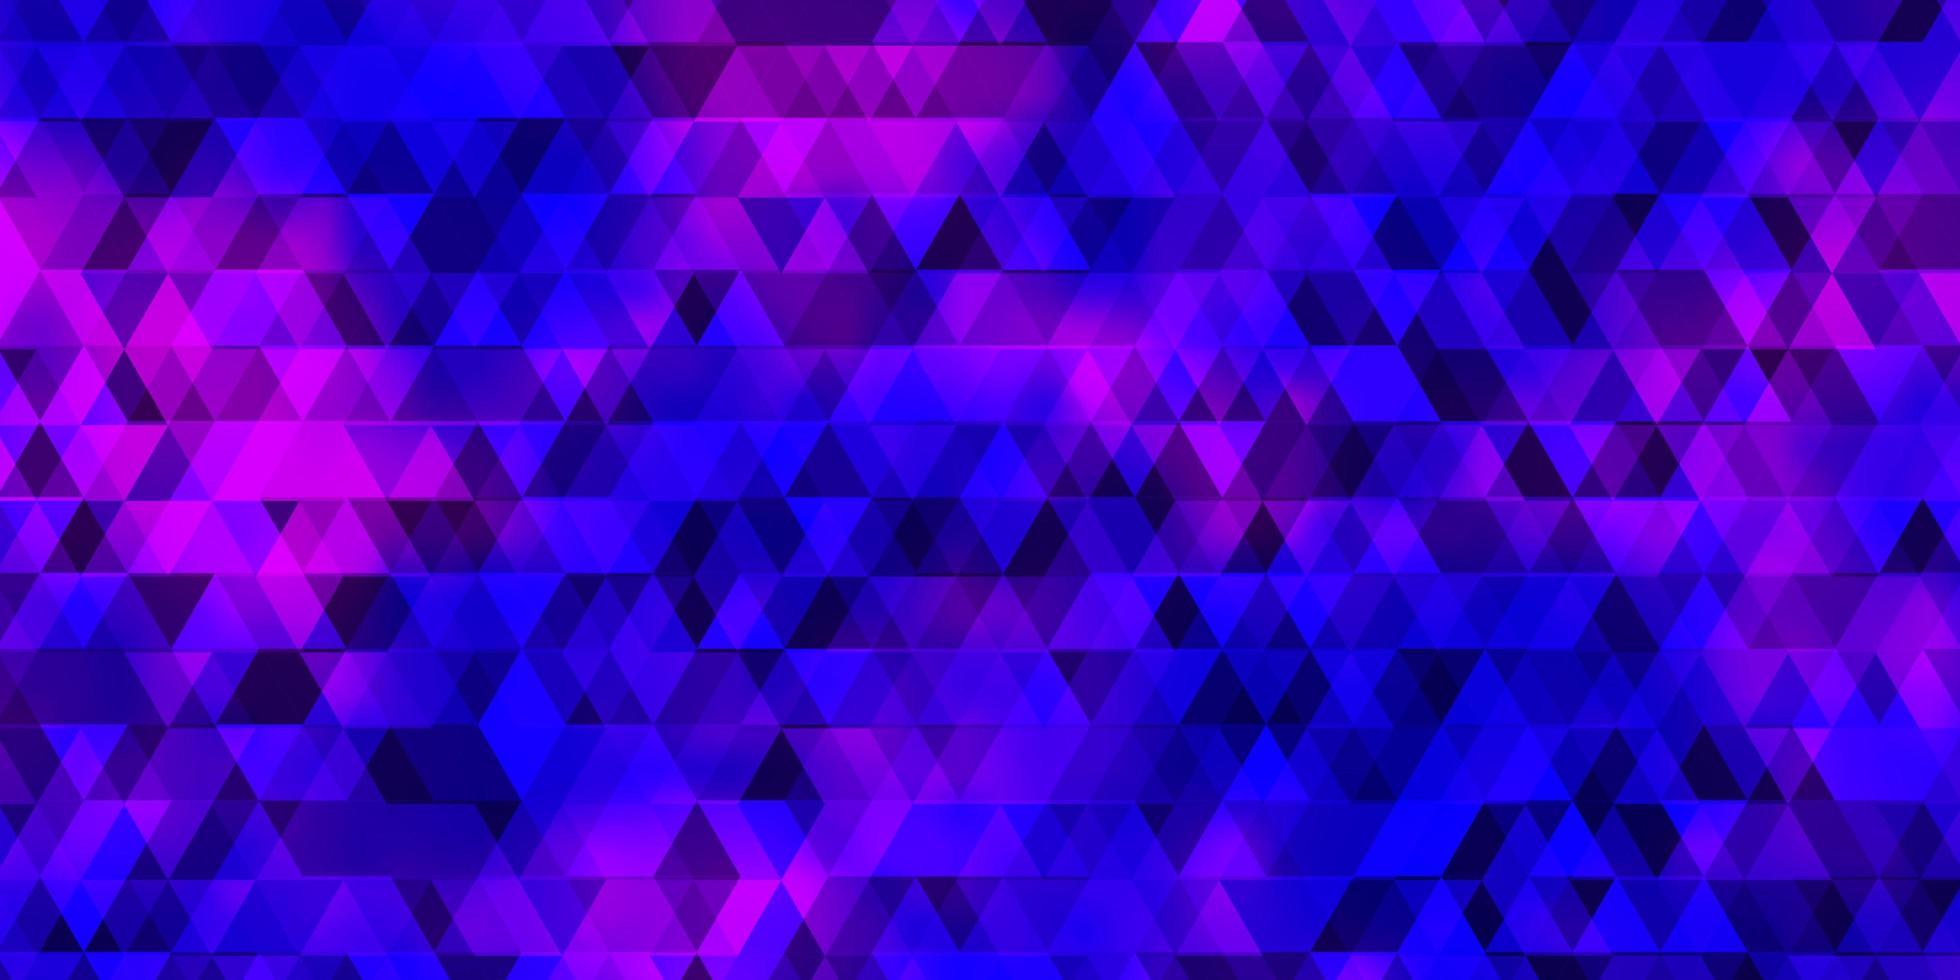 patrón de vector púrpura claro con líneas, triángulos.